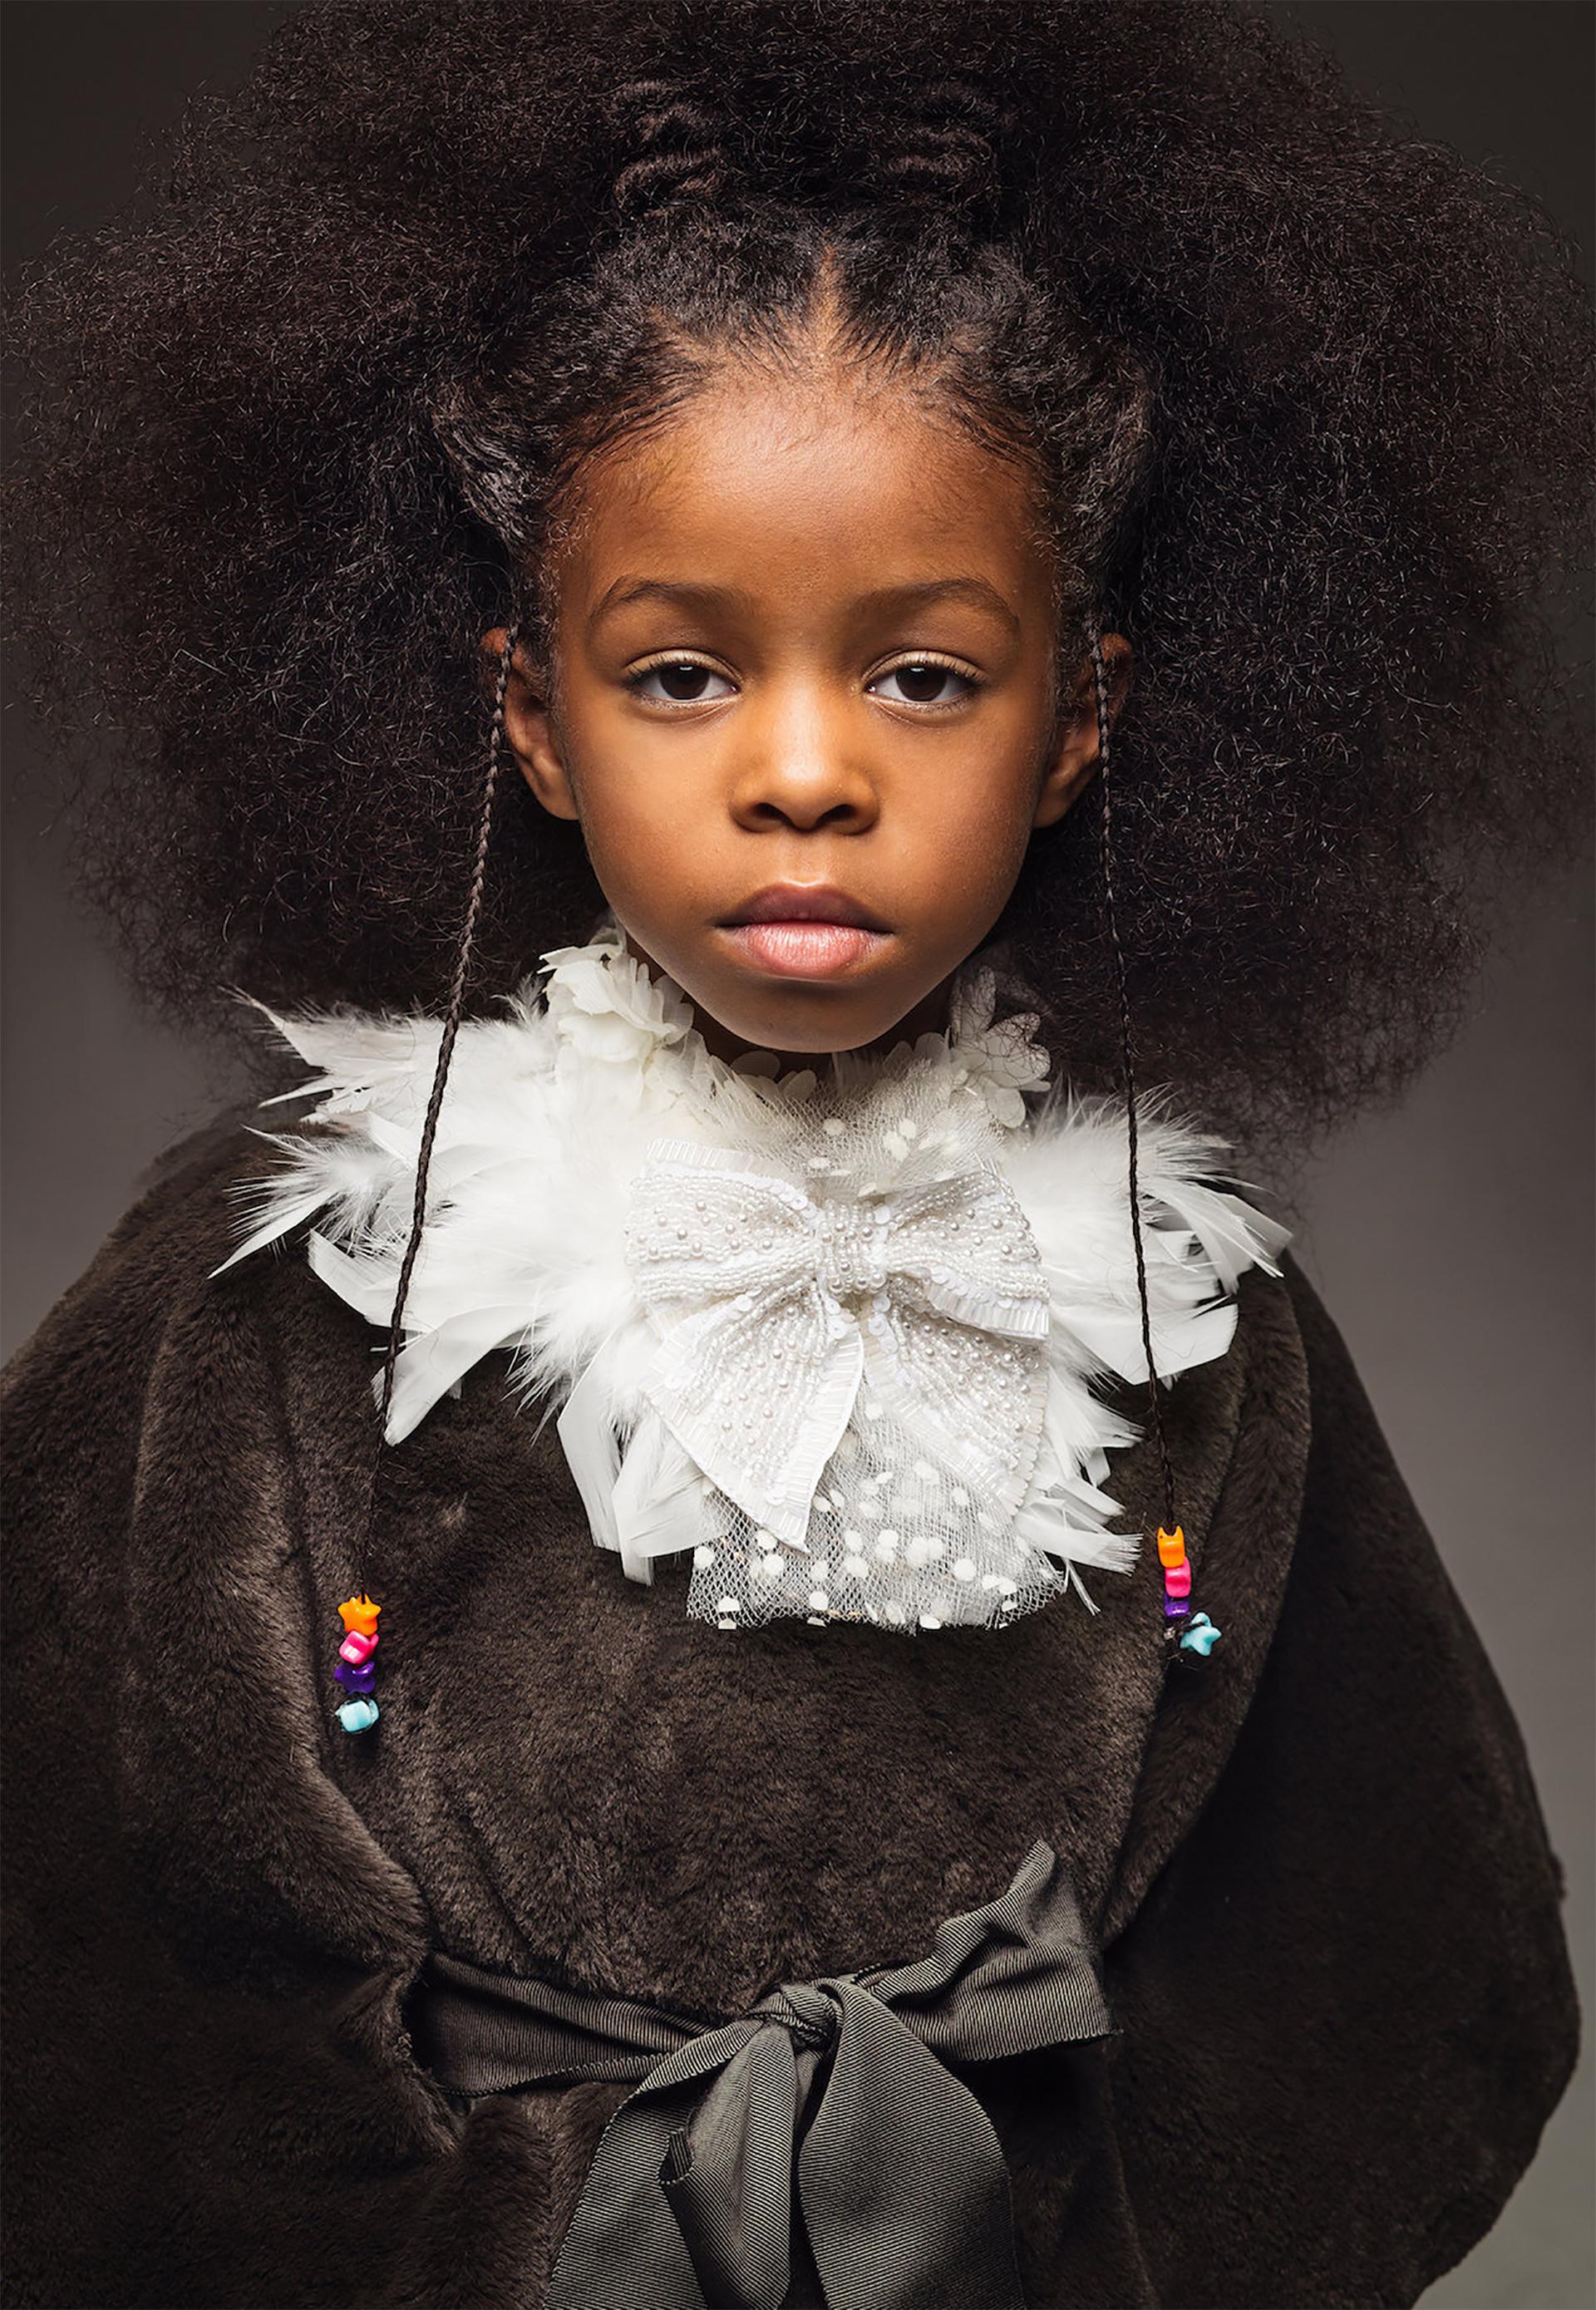 Afro Art, creative soul, capelli ragazze di colore, treccine